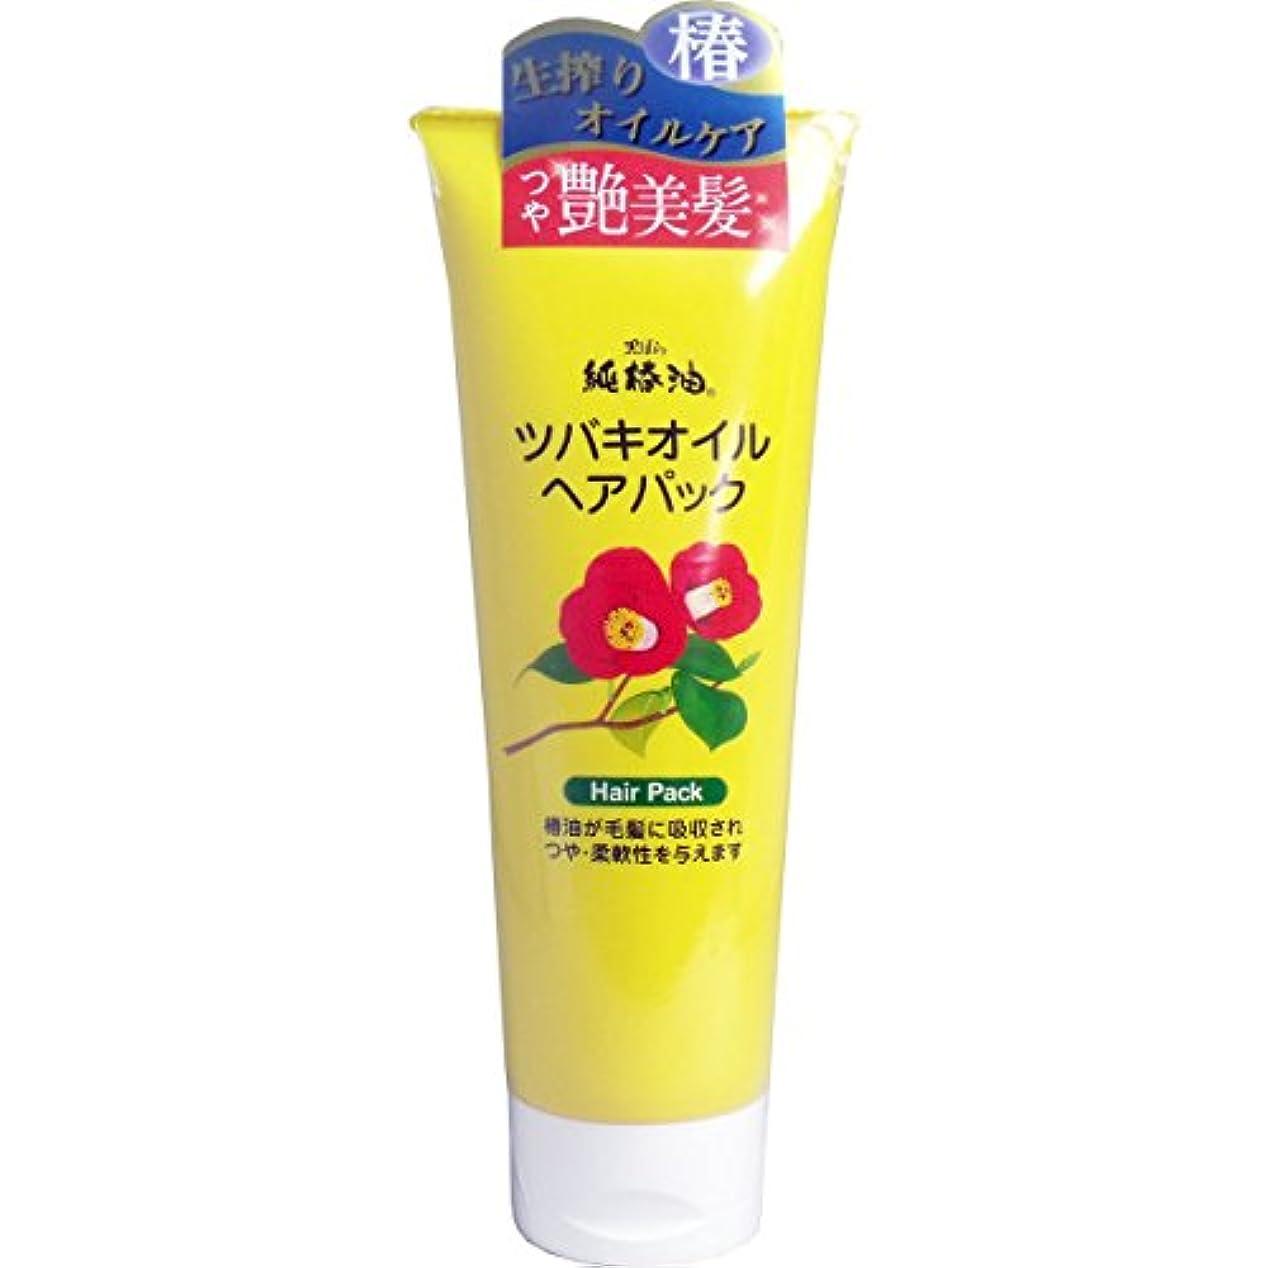 飽和するペインギリック有用黒ばら 純椿油 ツバキオイルヘアパック 3セット